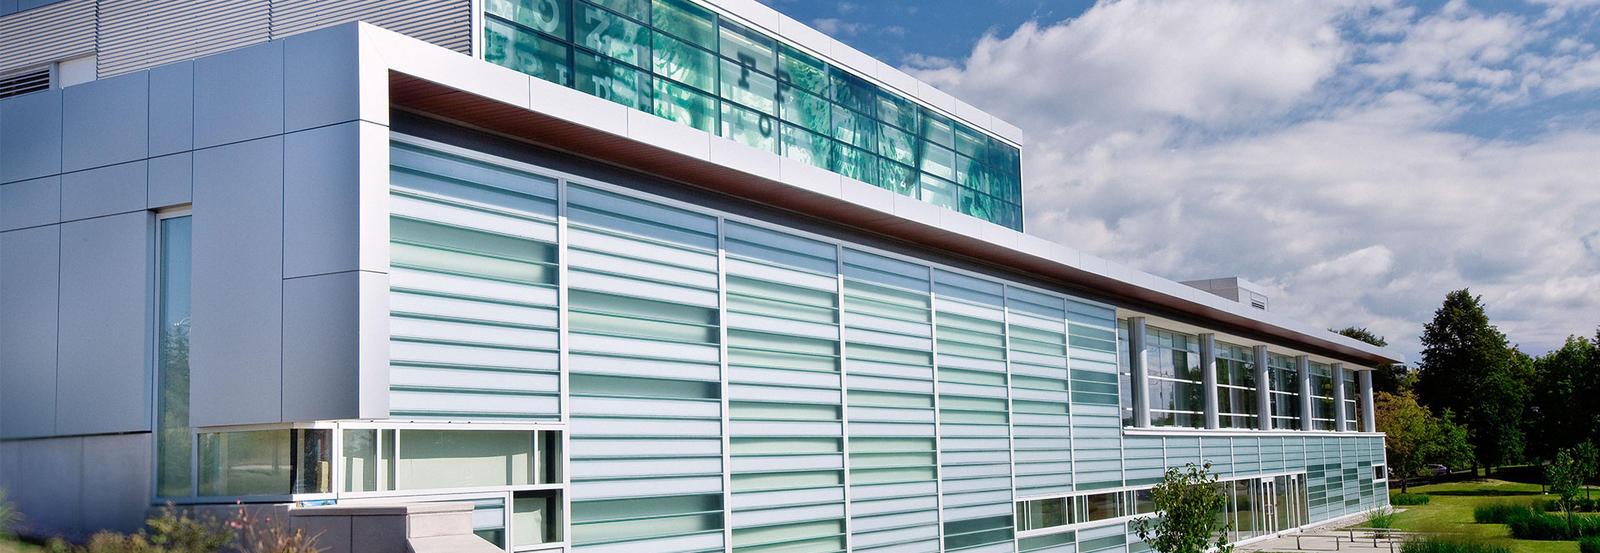 Optometry building in summer